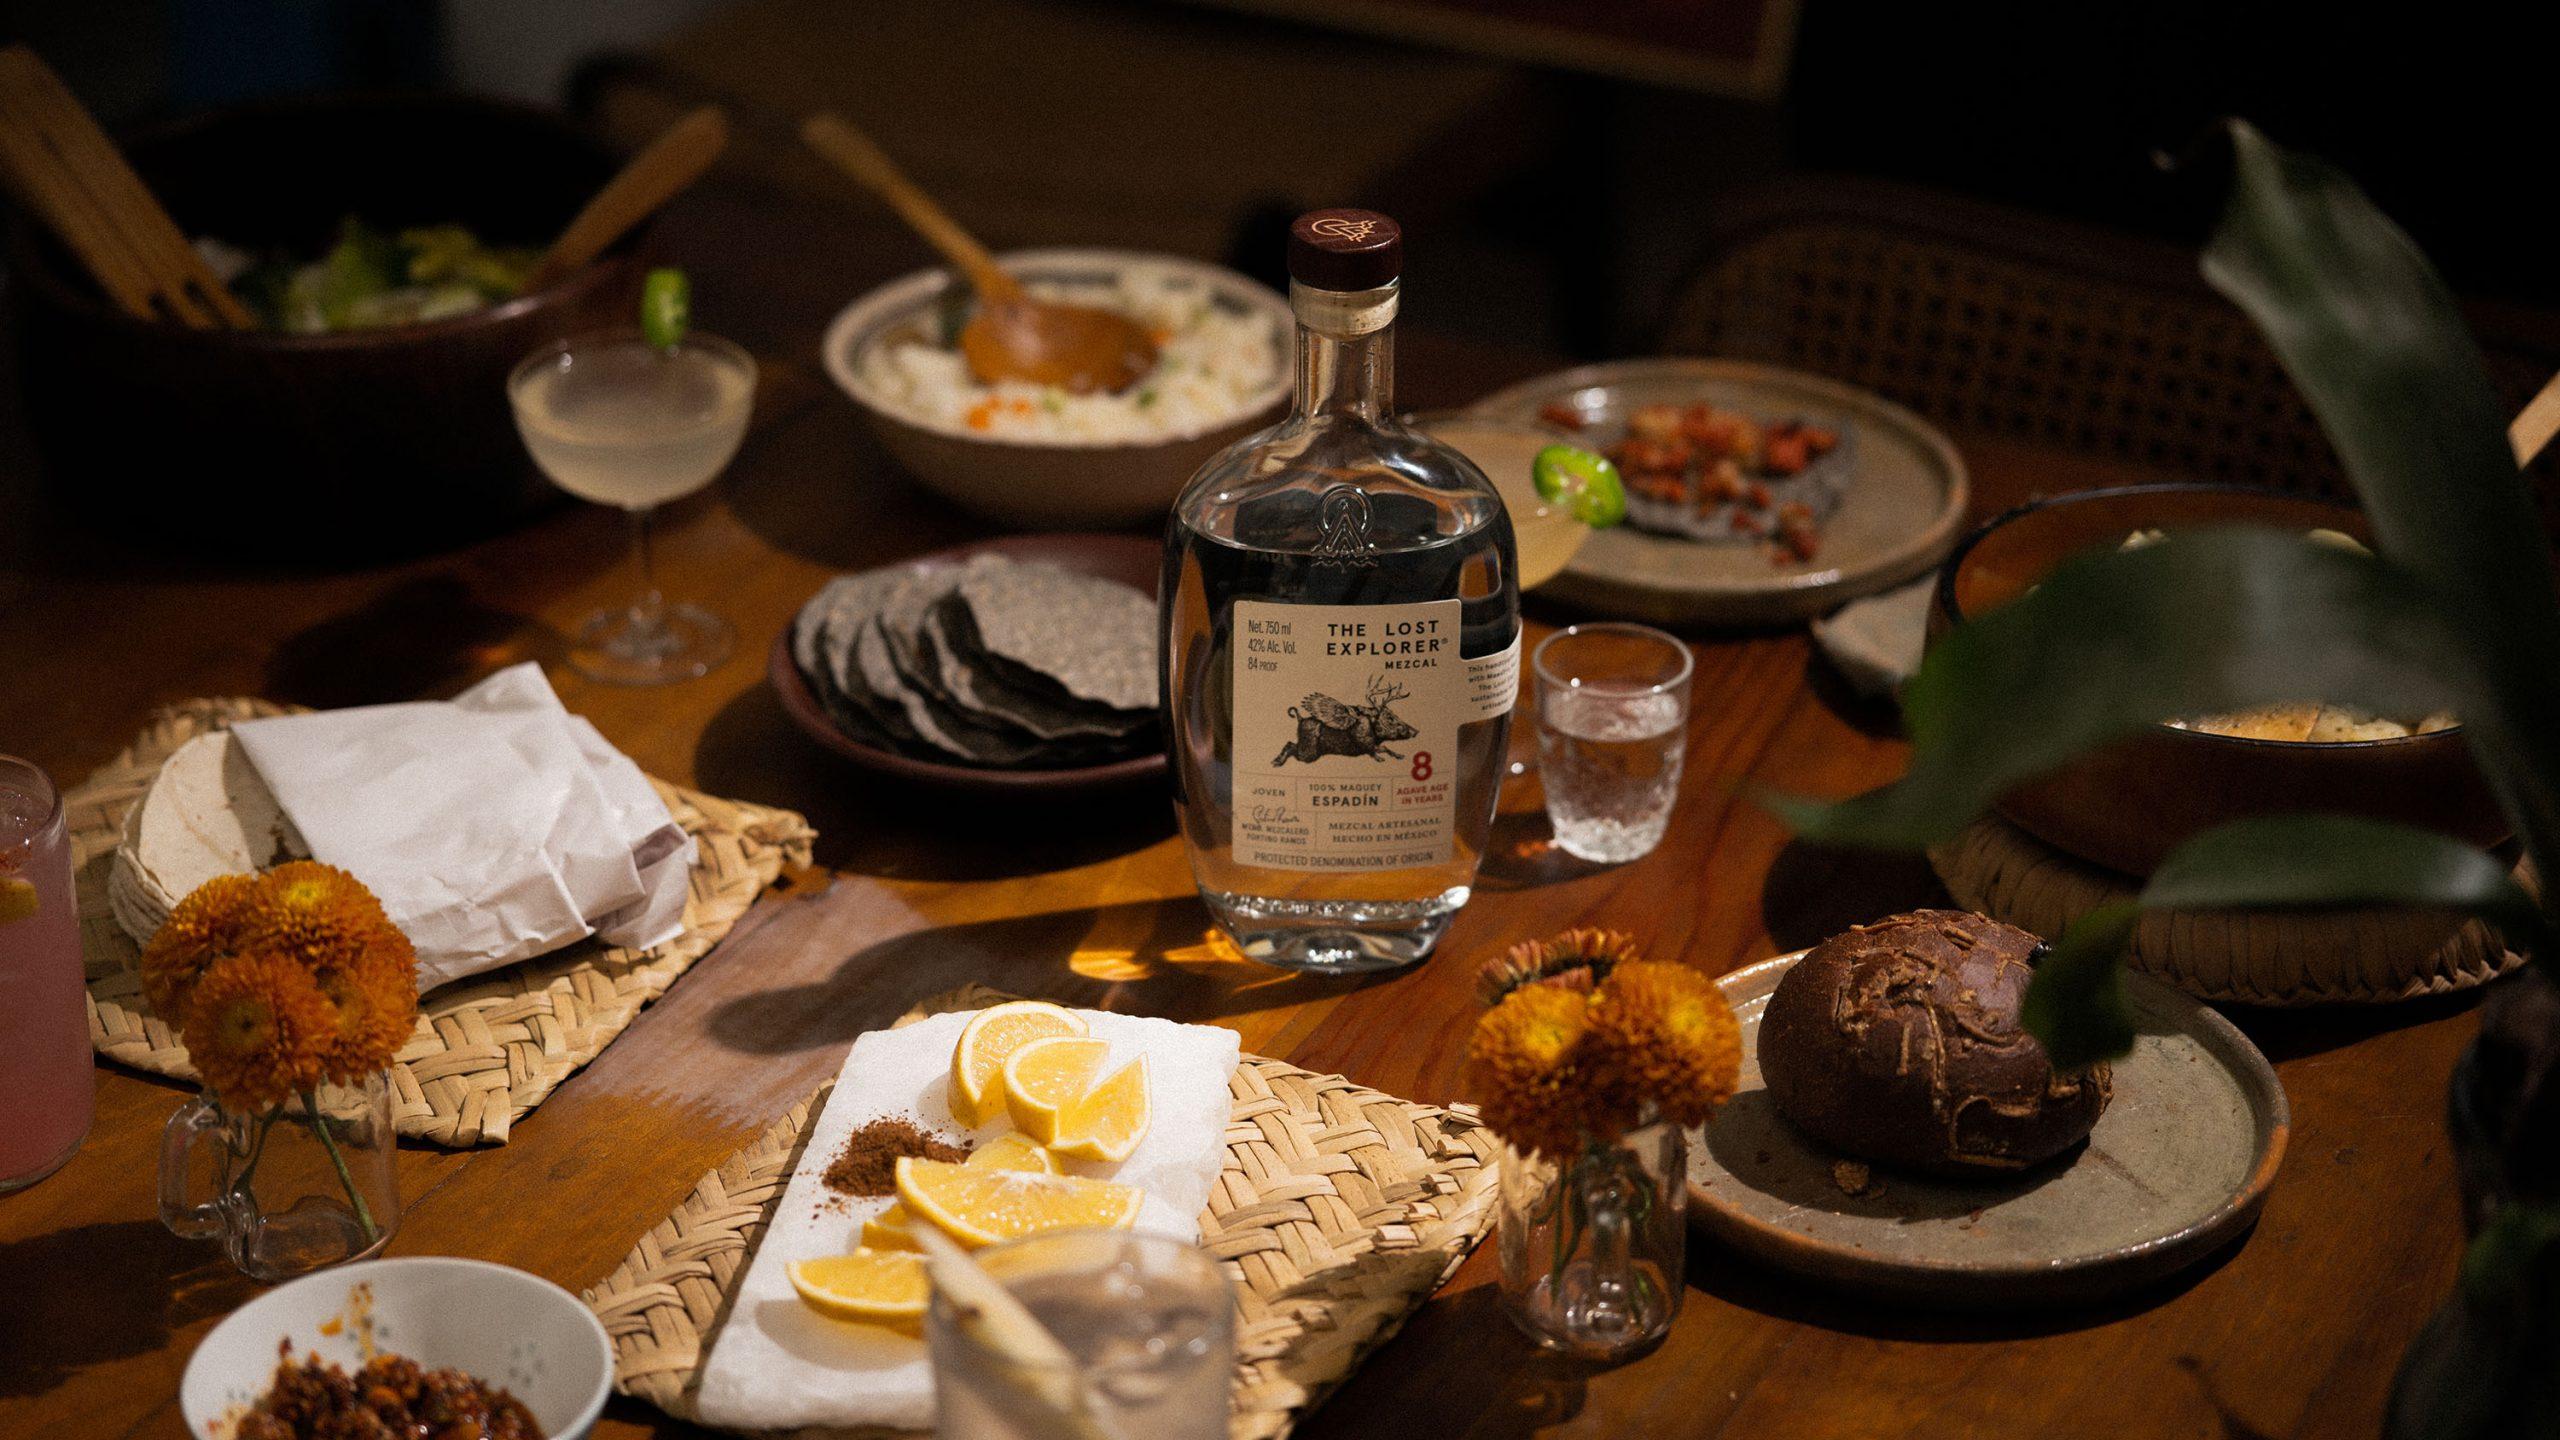 The Lost Explorer Mezcal Espadin Table